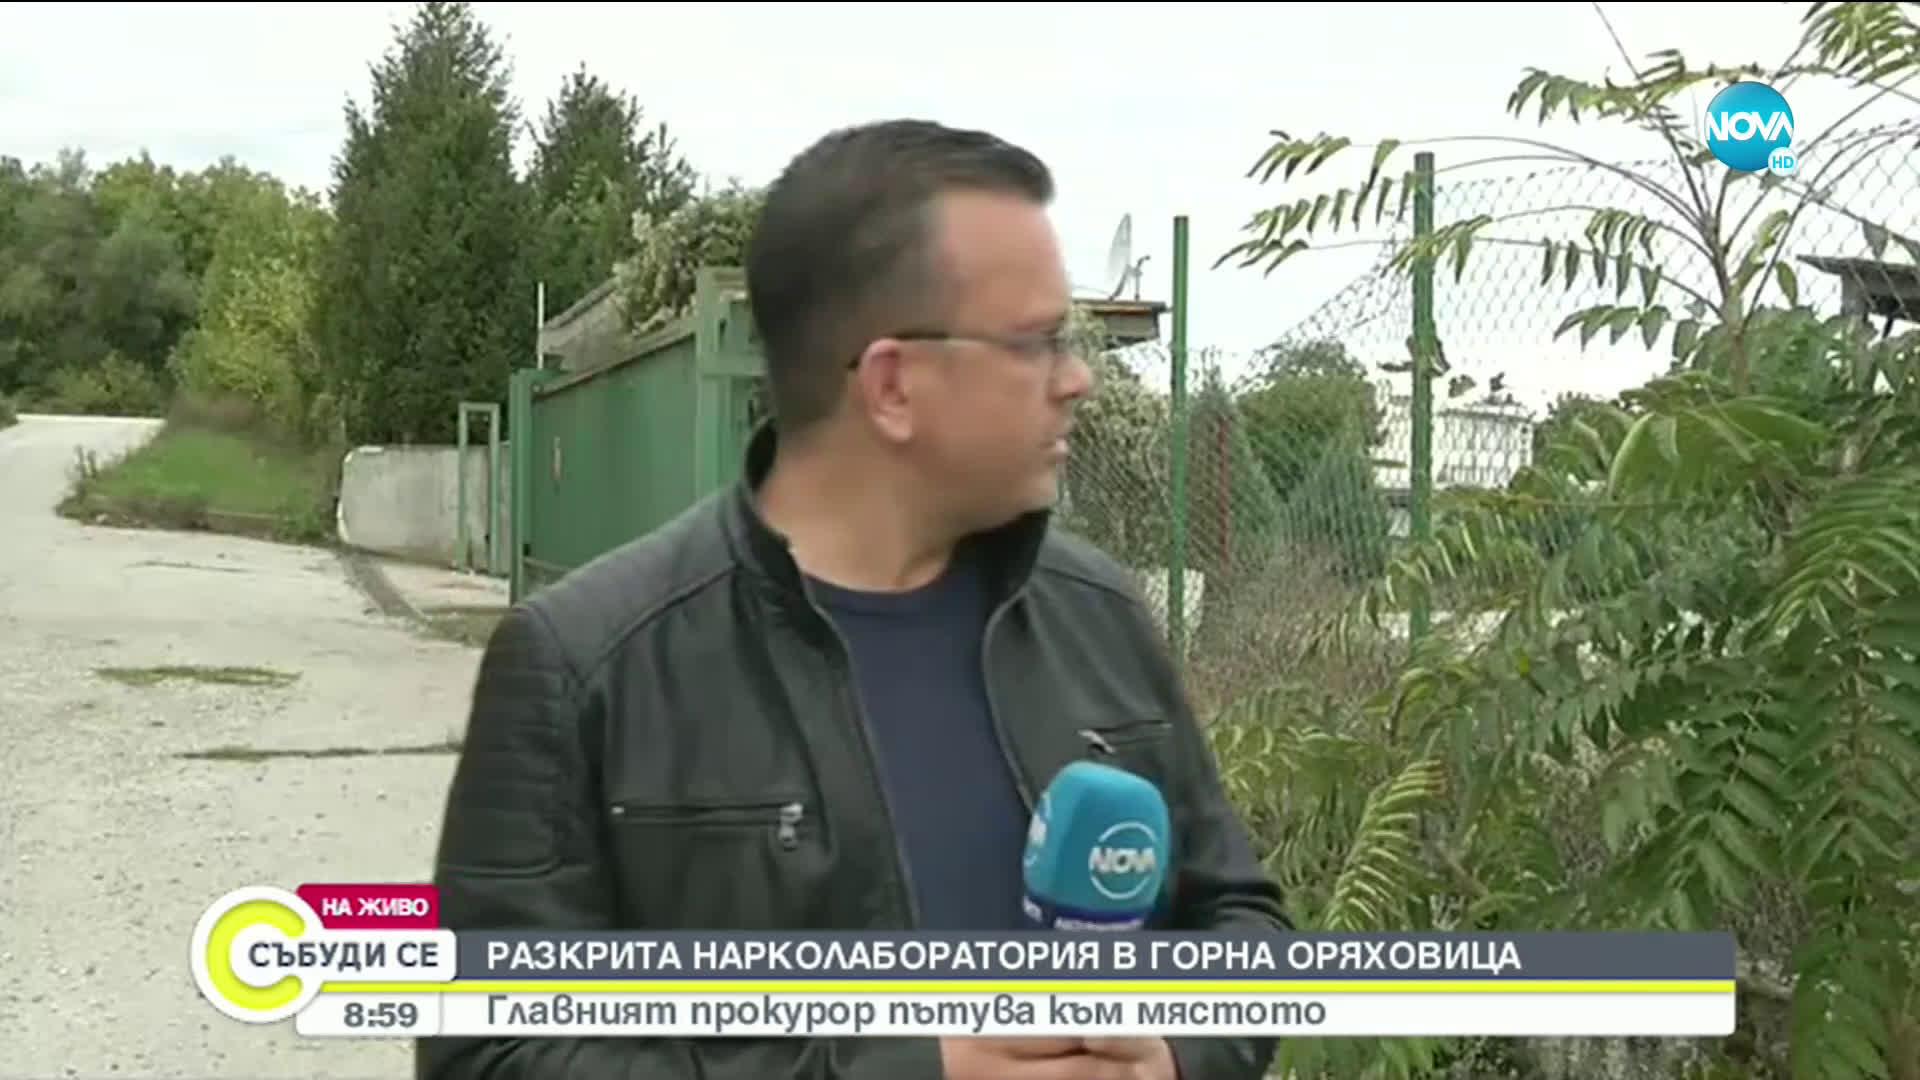 Разбиха нарколаборатория в Горна Оряховица